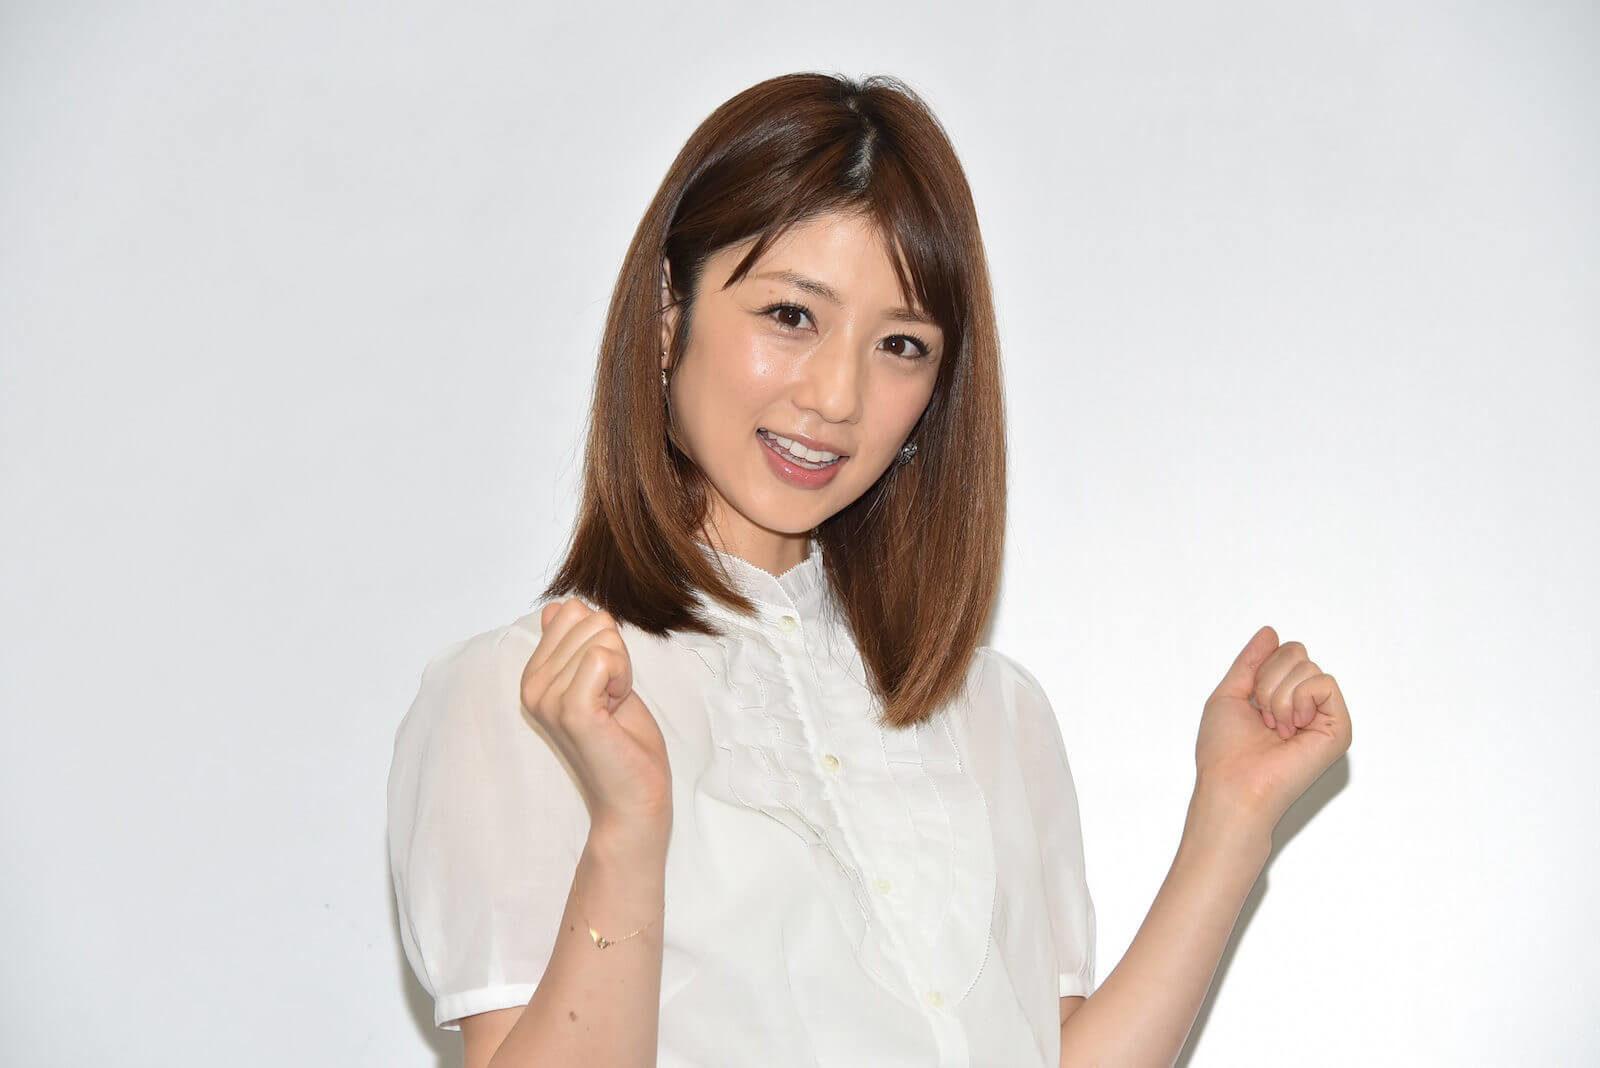 """小倉優子、""""喧嘩ドッキリ""""への対応に反響「高感度爆上げフィーバー」サムネイル画像"""